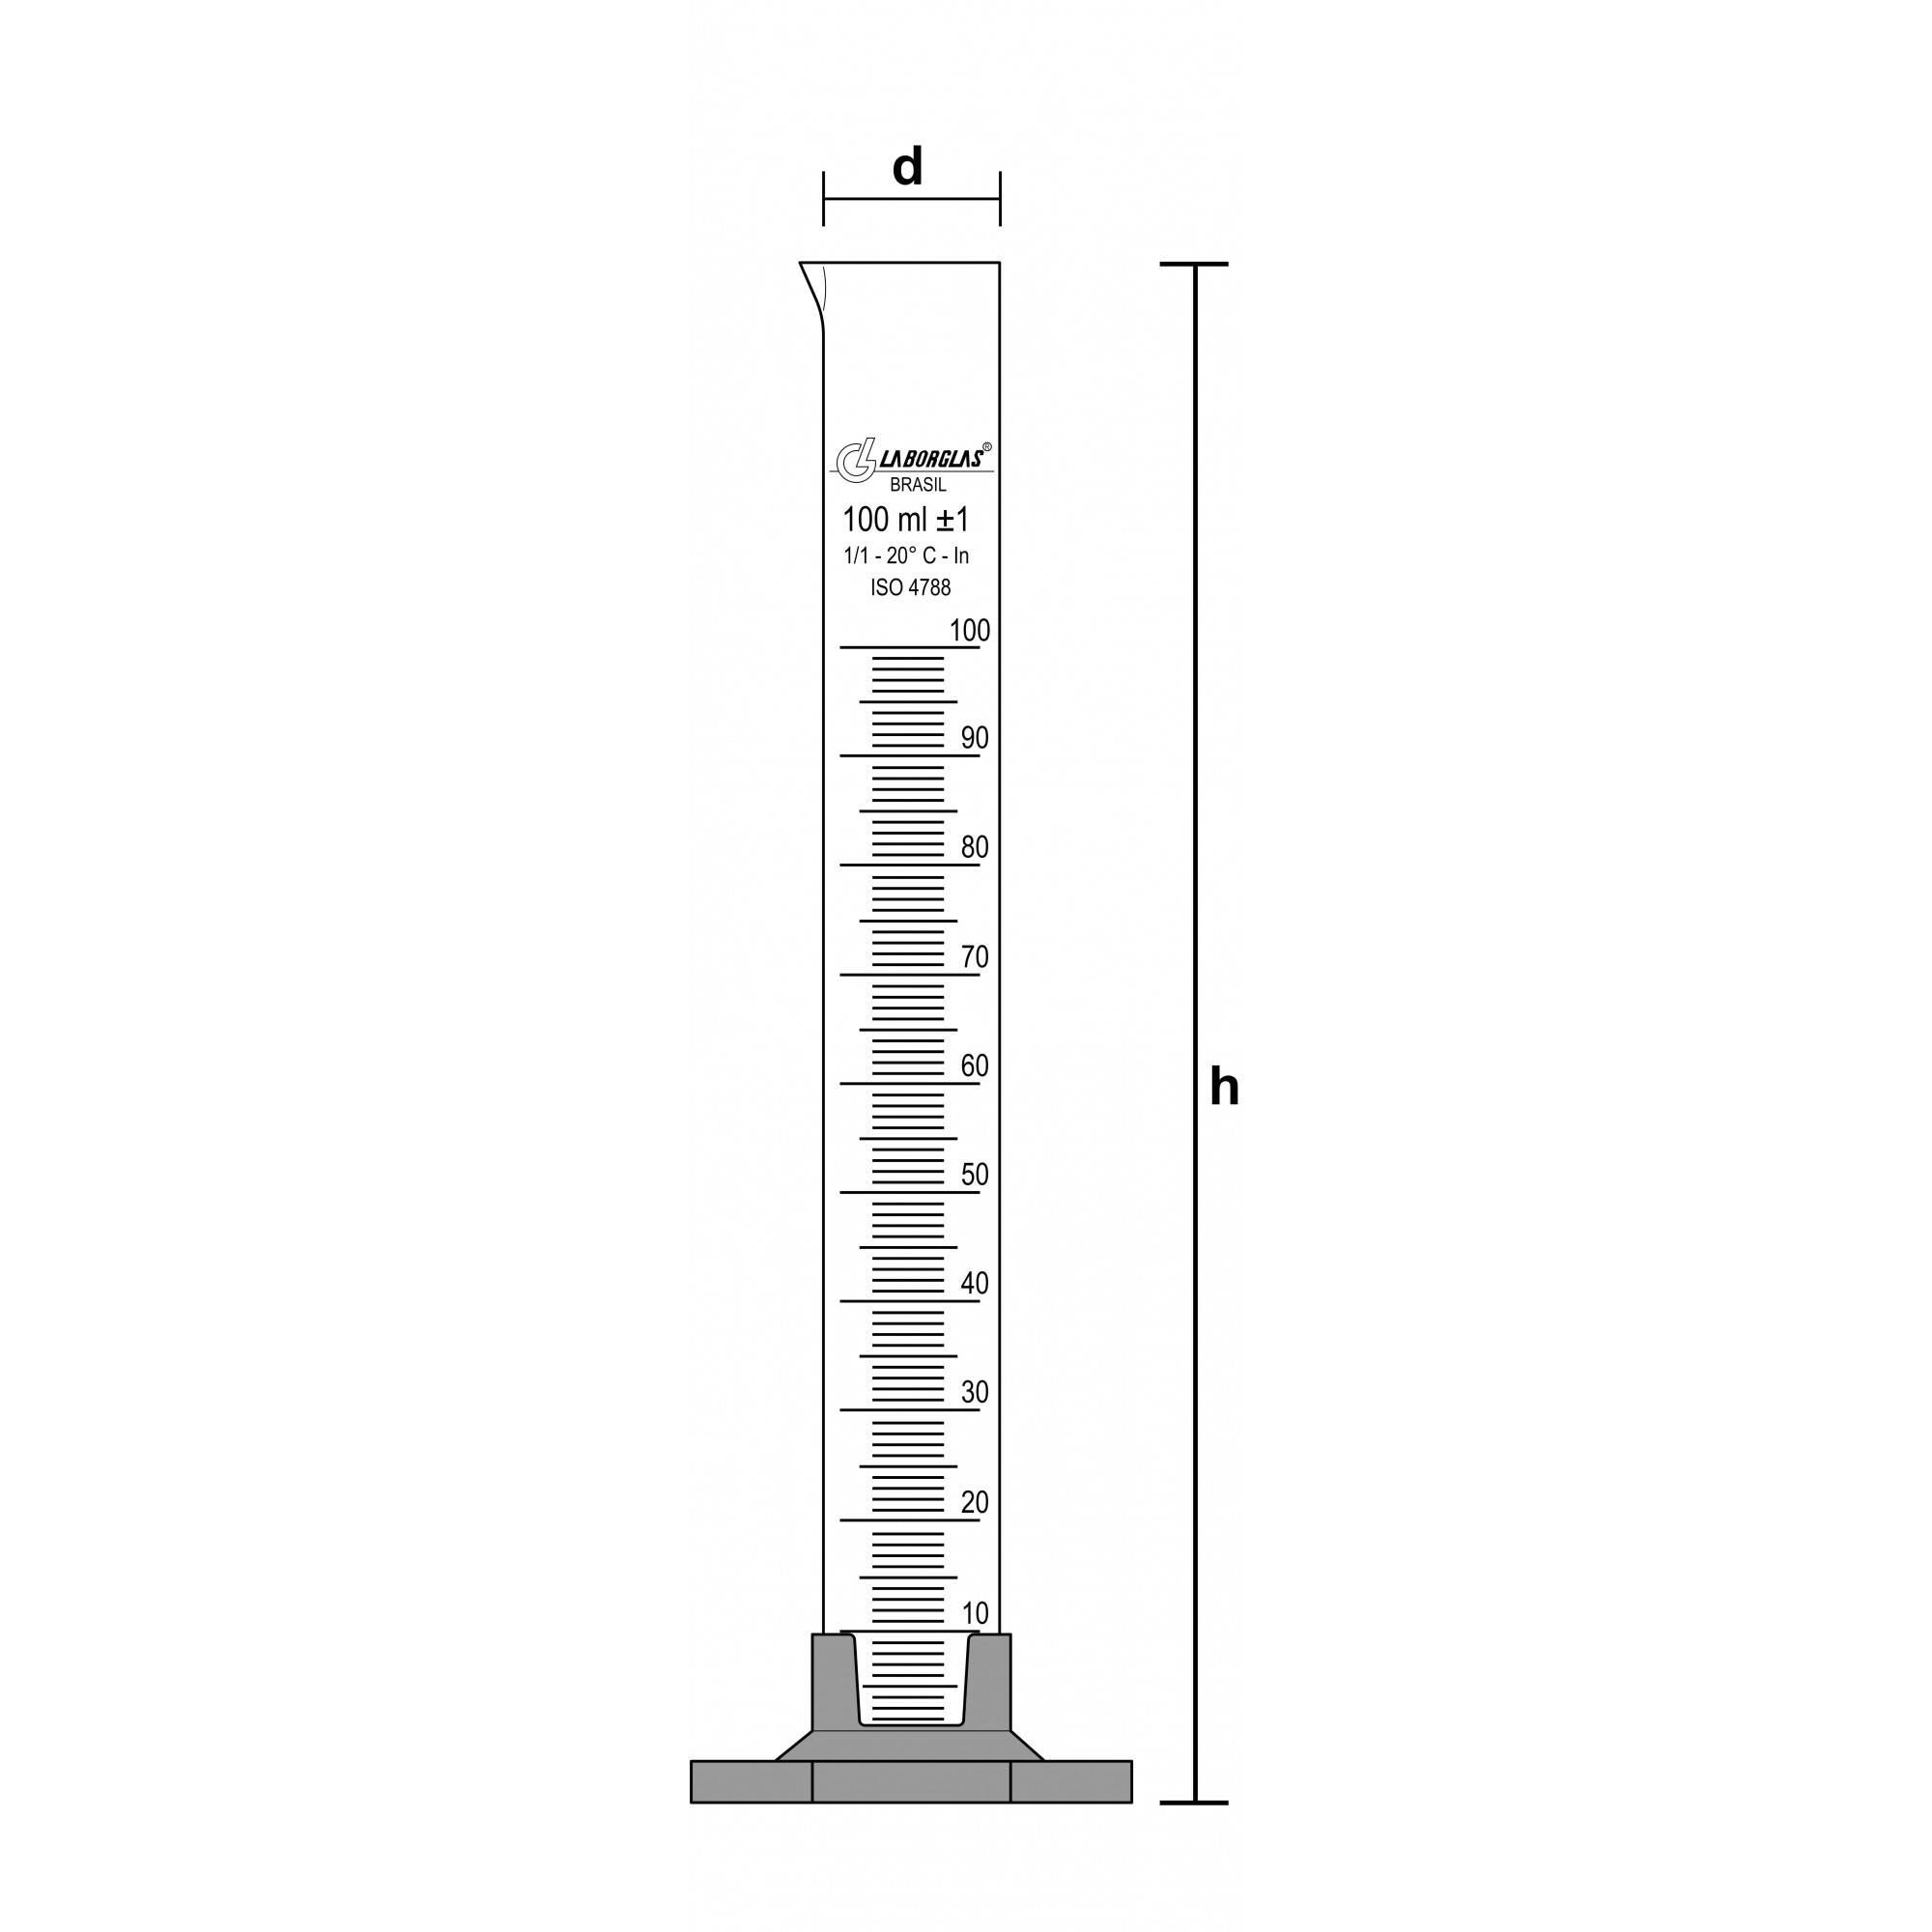 PROVETA GRADUADA BASE HEXAGONAL DE POLIPROPILENO 1000 ML CERTIFICADO RASTREÁVEL - Laborglas - Cód. 9138654-C